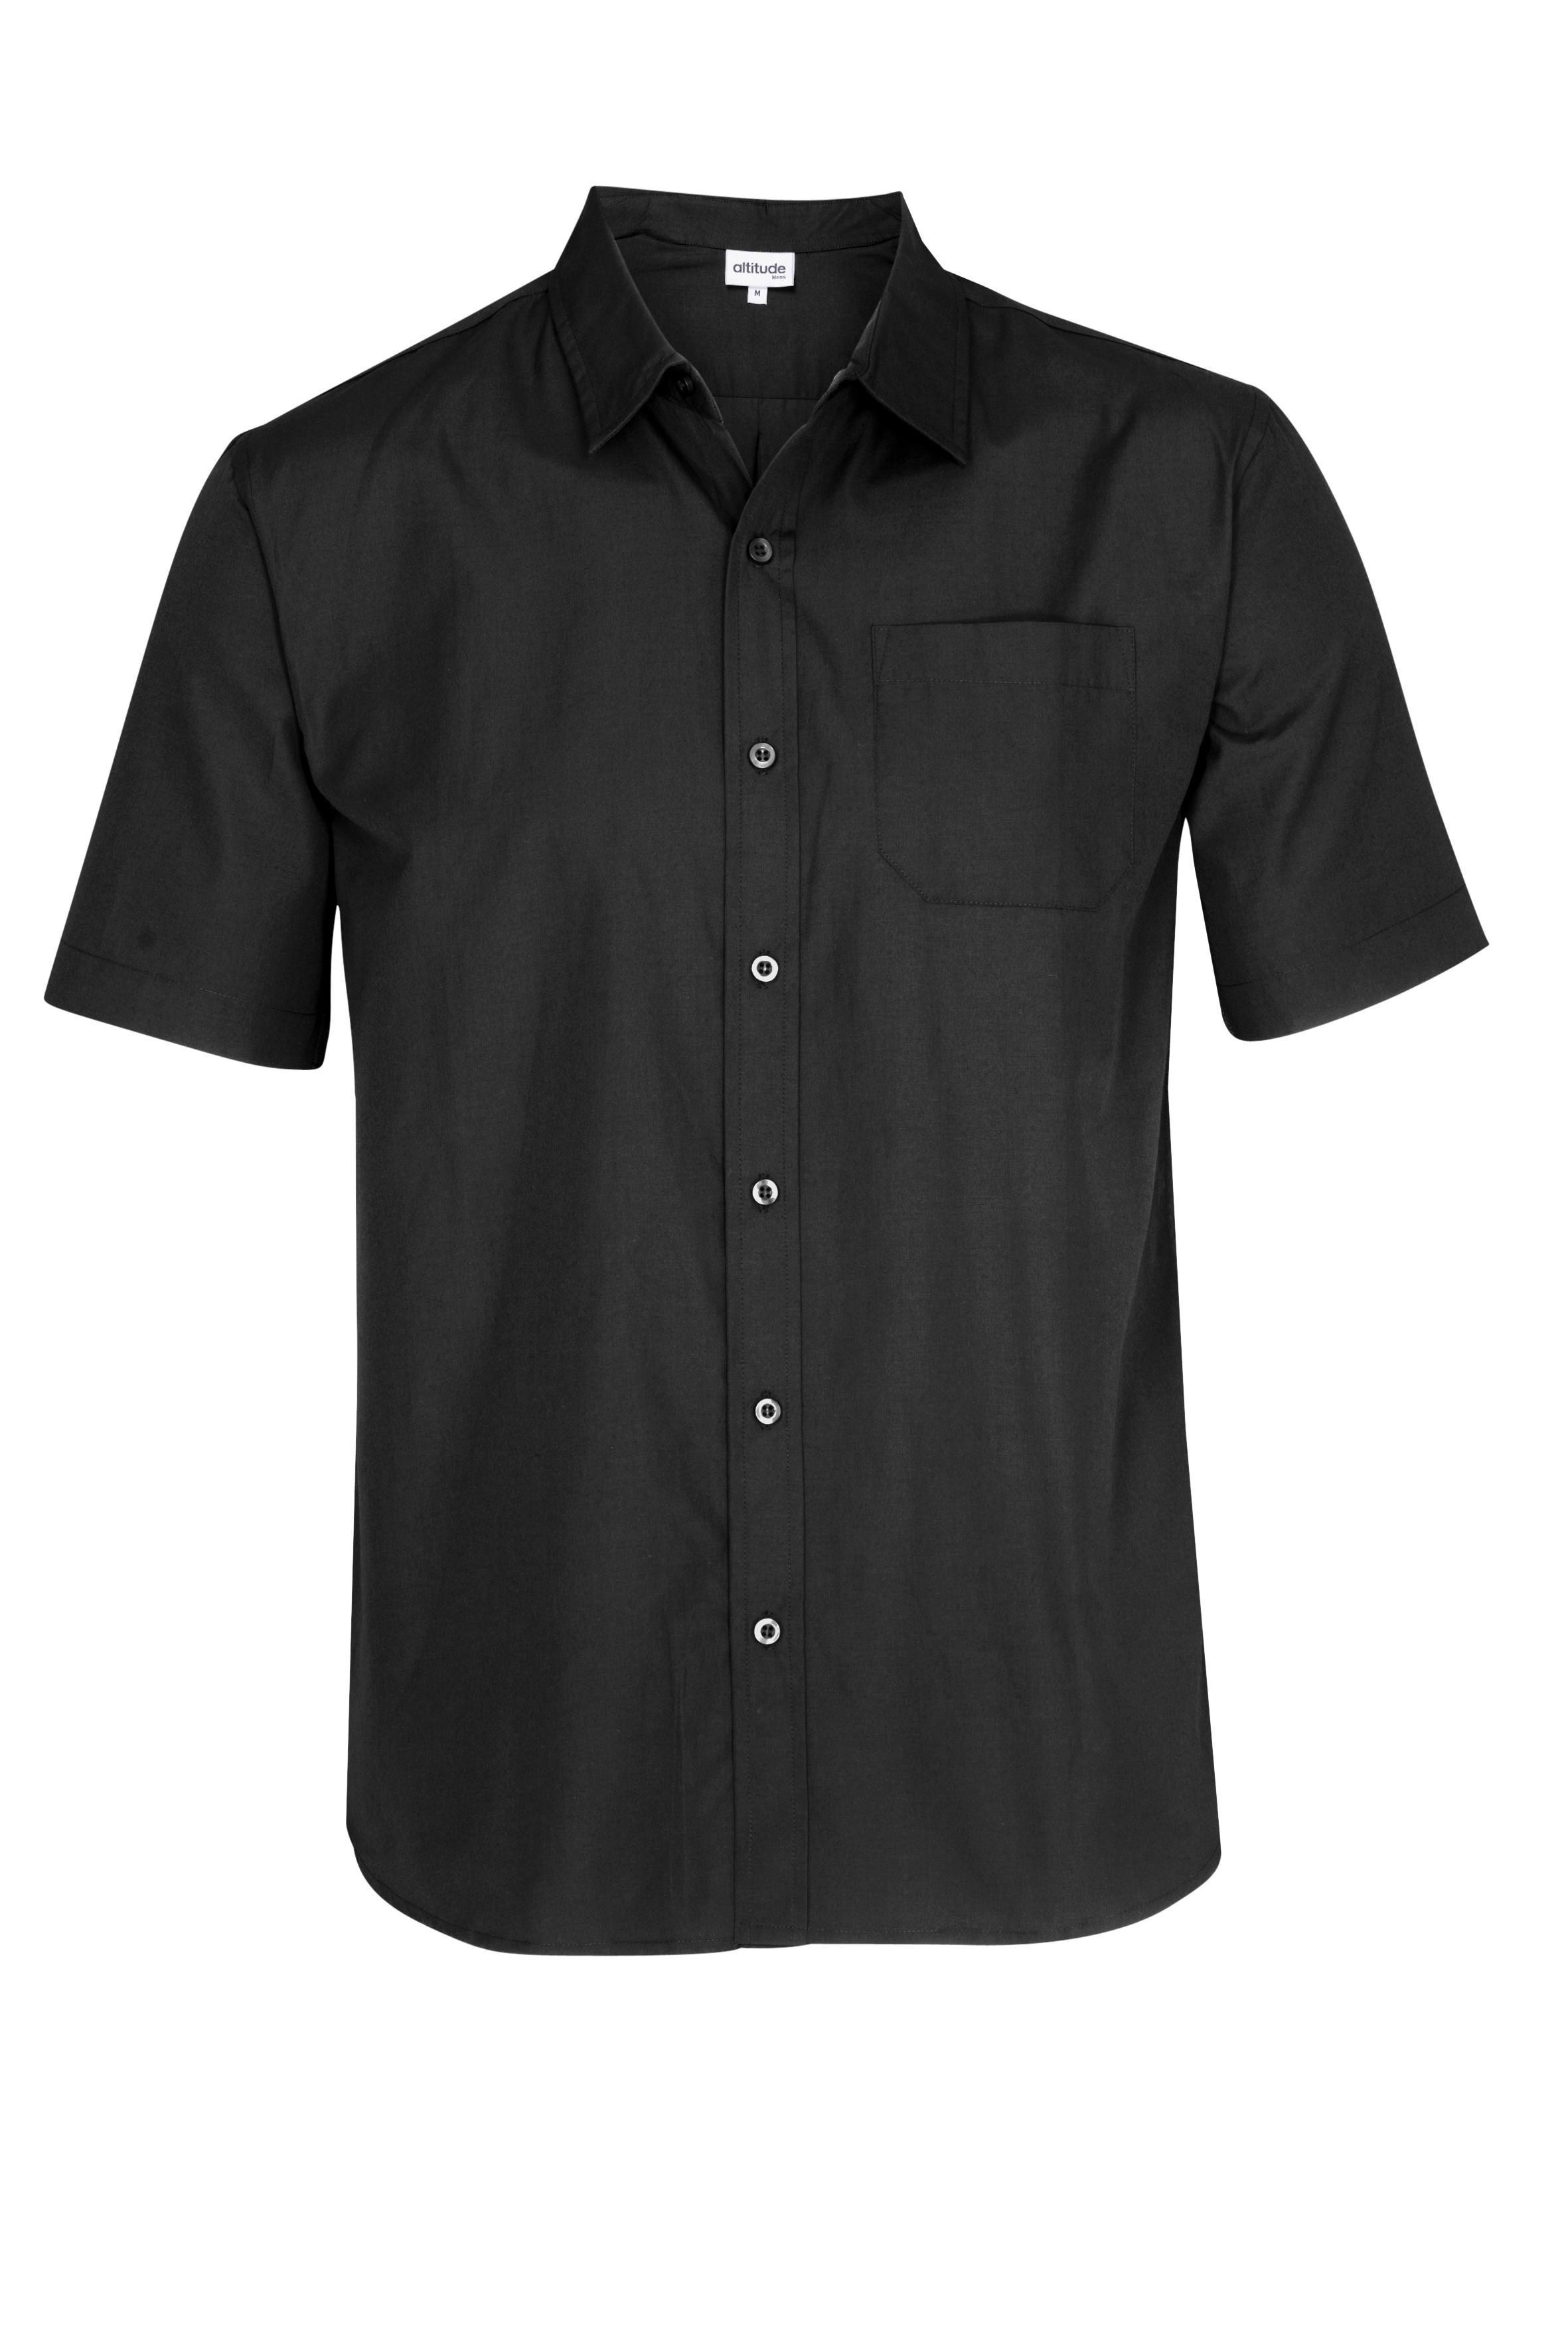 Mens Short Sleeve Catalyst Shirt